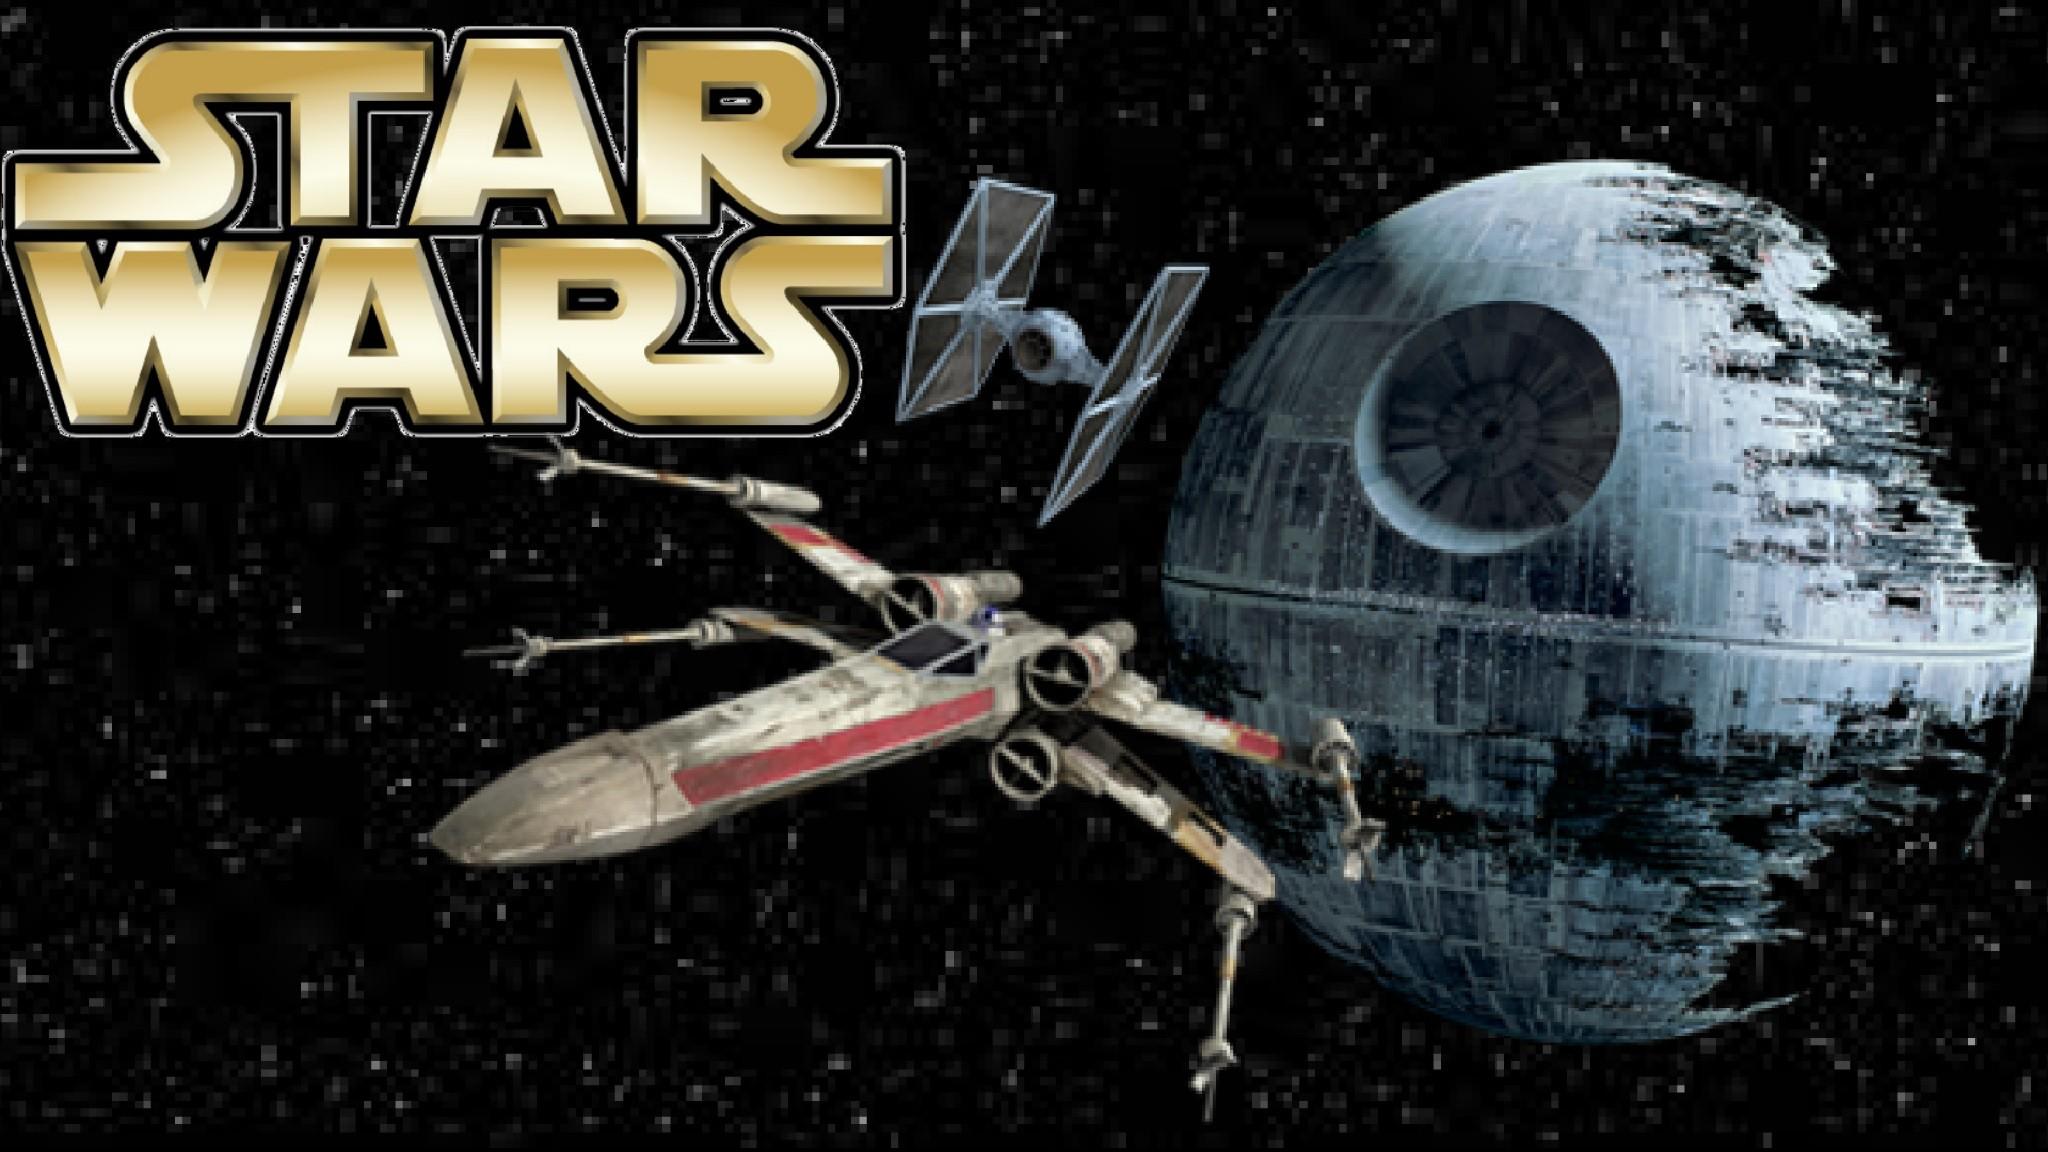 Star Wars Wallpaper by ShadowTheHedgehog24 Star Wars Wallpaper by  ShadowTheHedgehog24